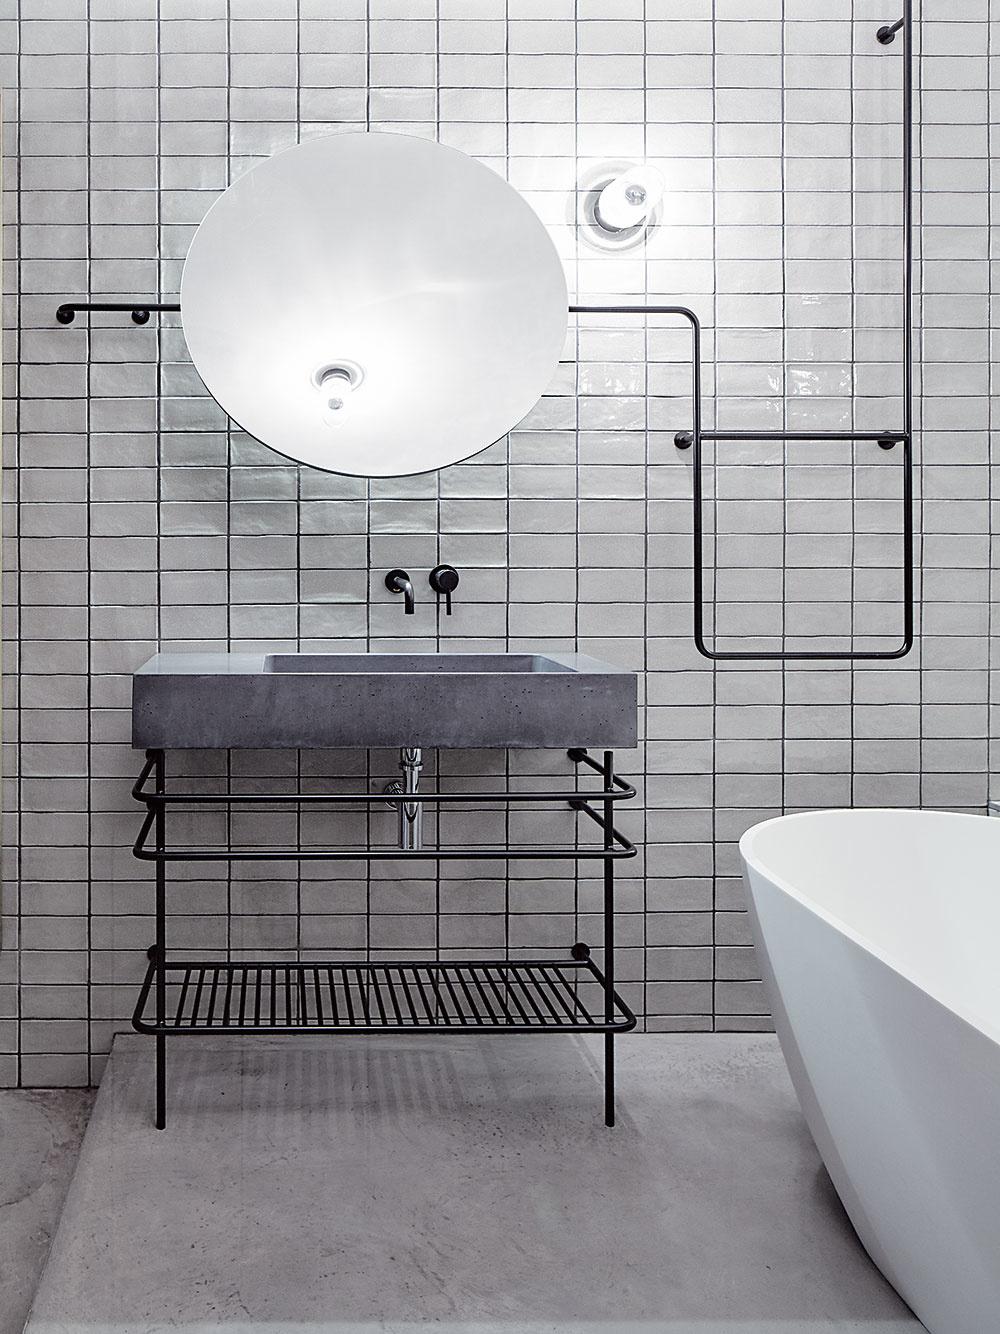 Industriálny vzhľad kúpeľne podčiarkuje betónové umývadlo Gravelli a cementová stierka na podlahe. Tú museli kvôli odpadu z voľne stojacej vane včasti kúpeľne o niečo zdvihnúť.